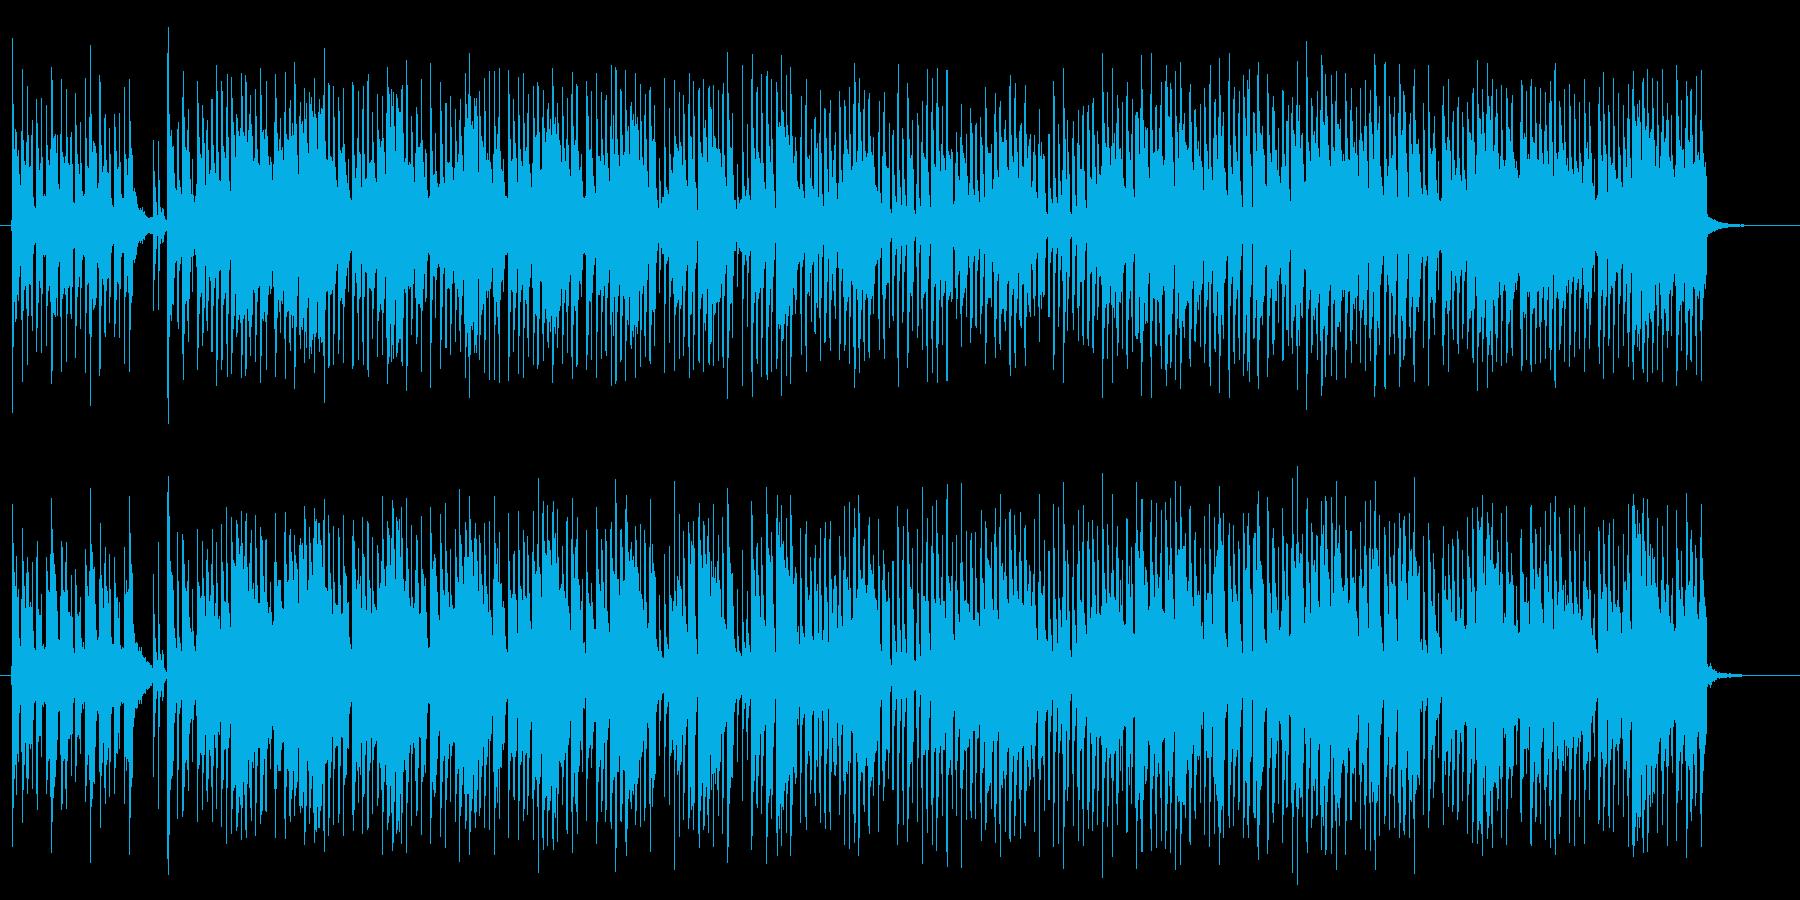 斜に構えた皮肉屋をイメージさせるジャズの再生済みの波形